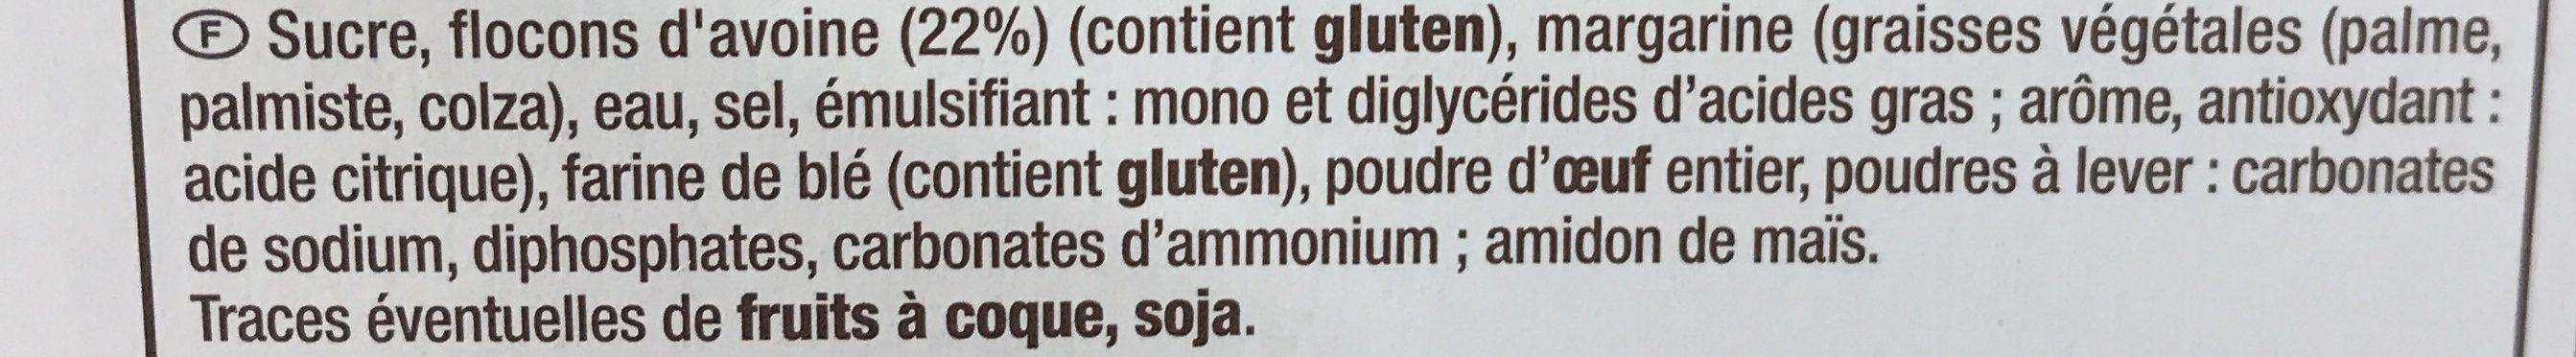 Galettes suedoises aux flocons d'avoine - Ingredientes - fr